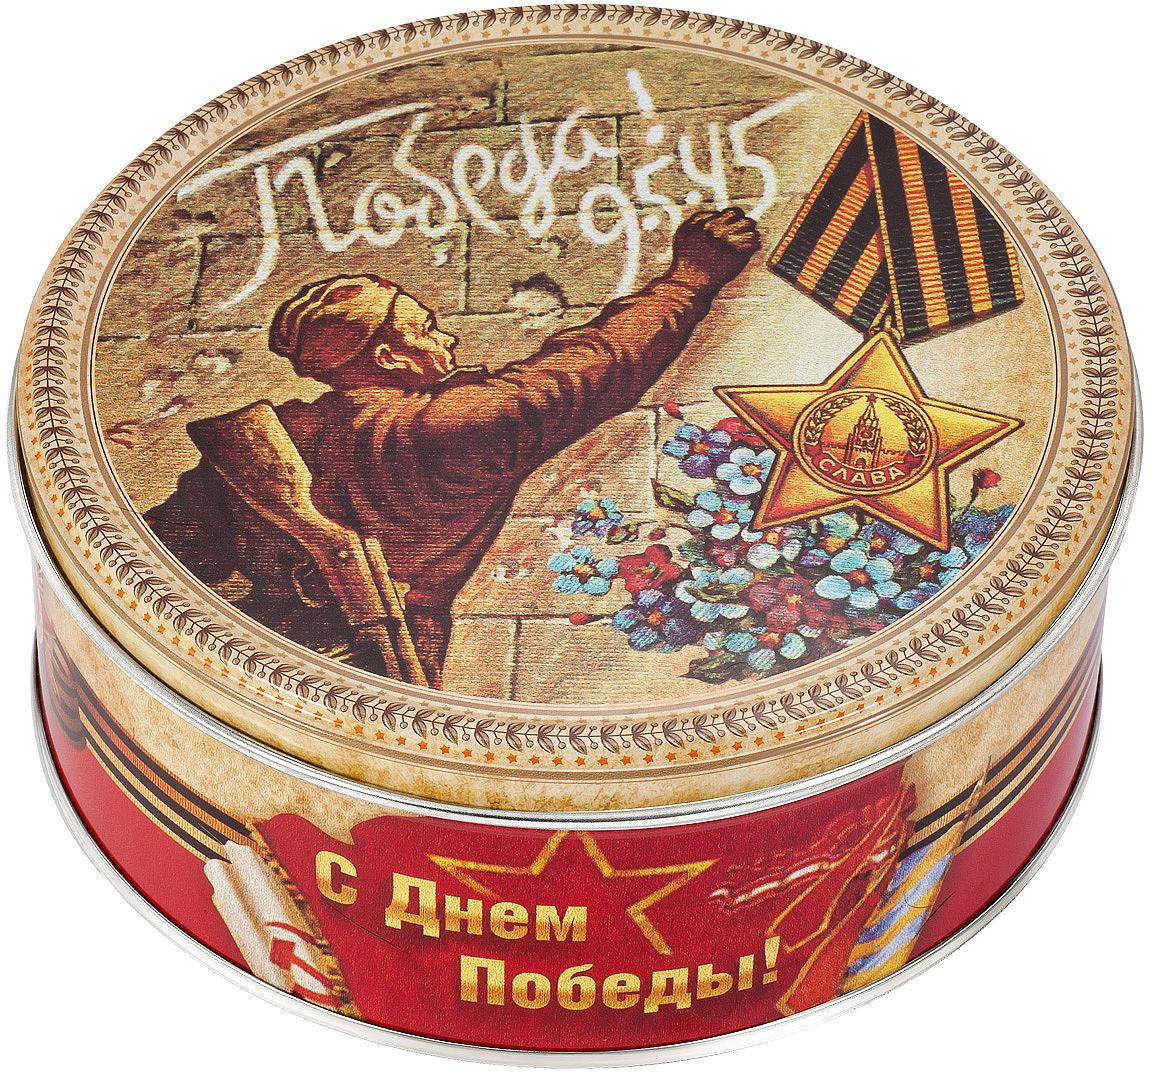 Monte Cristo День победы печенье сдобное, 150 г сладкая сказка печенье дед мороз и снегурочка 400 г